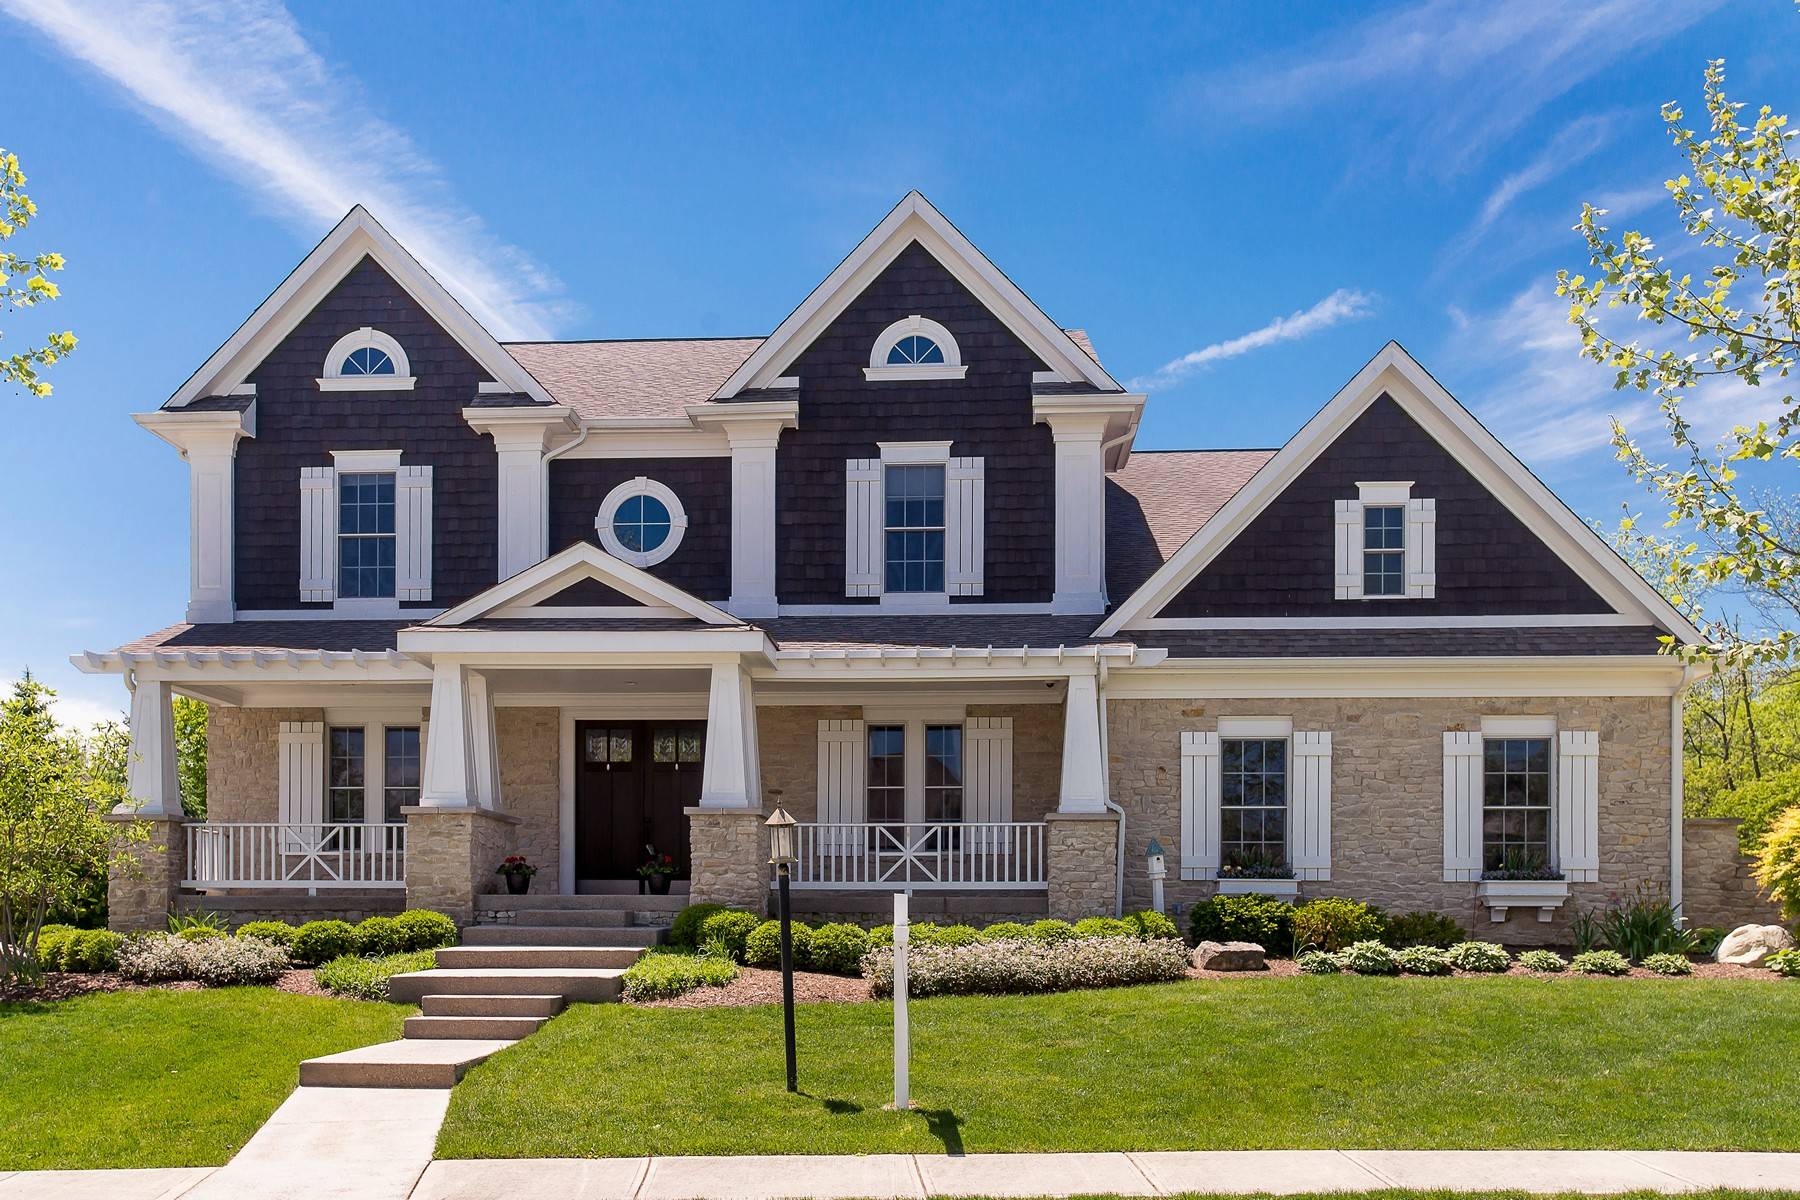 단독 가정 주택 용 매매 에 Custom Arts & Craftsman Home 5331 Randolph Crescent Drive Carmel, 인디애나, 46033 미국